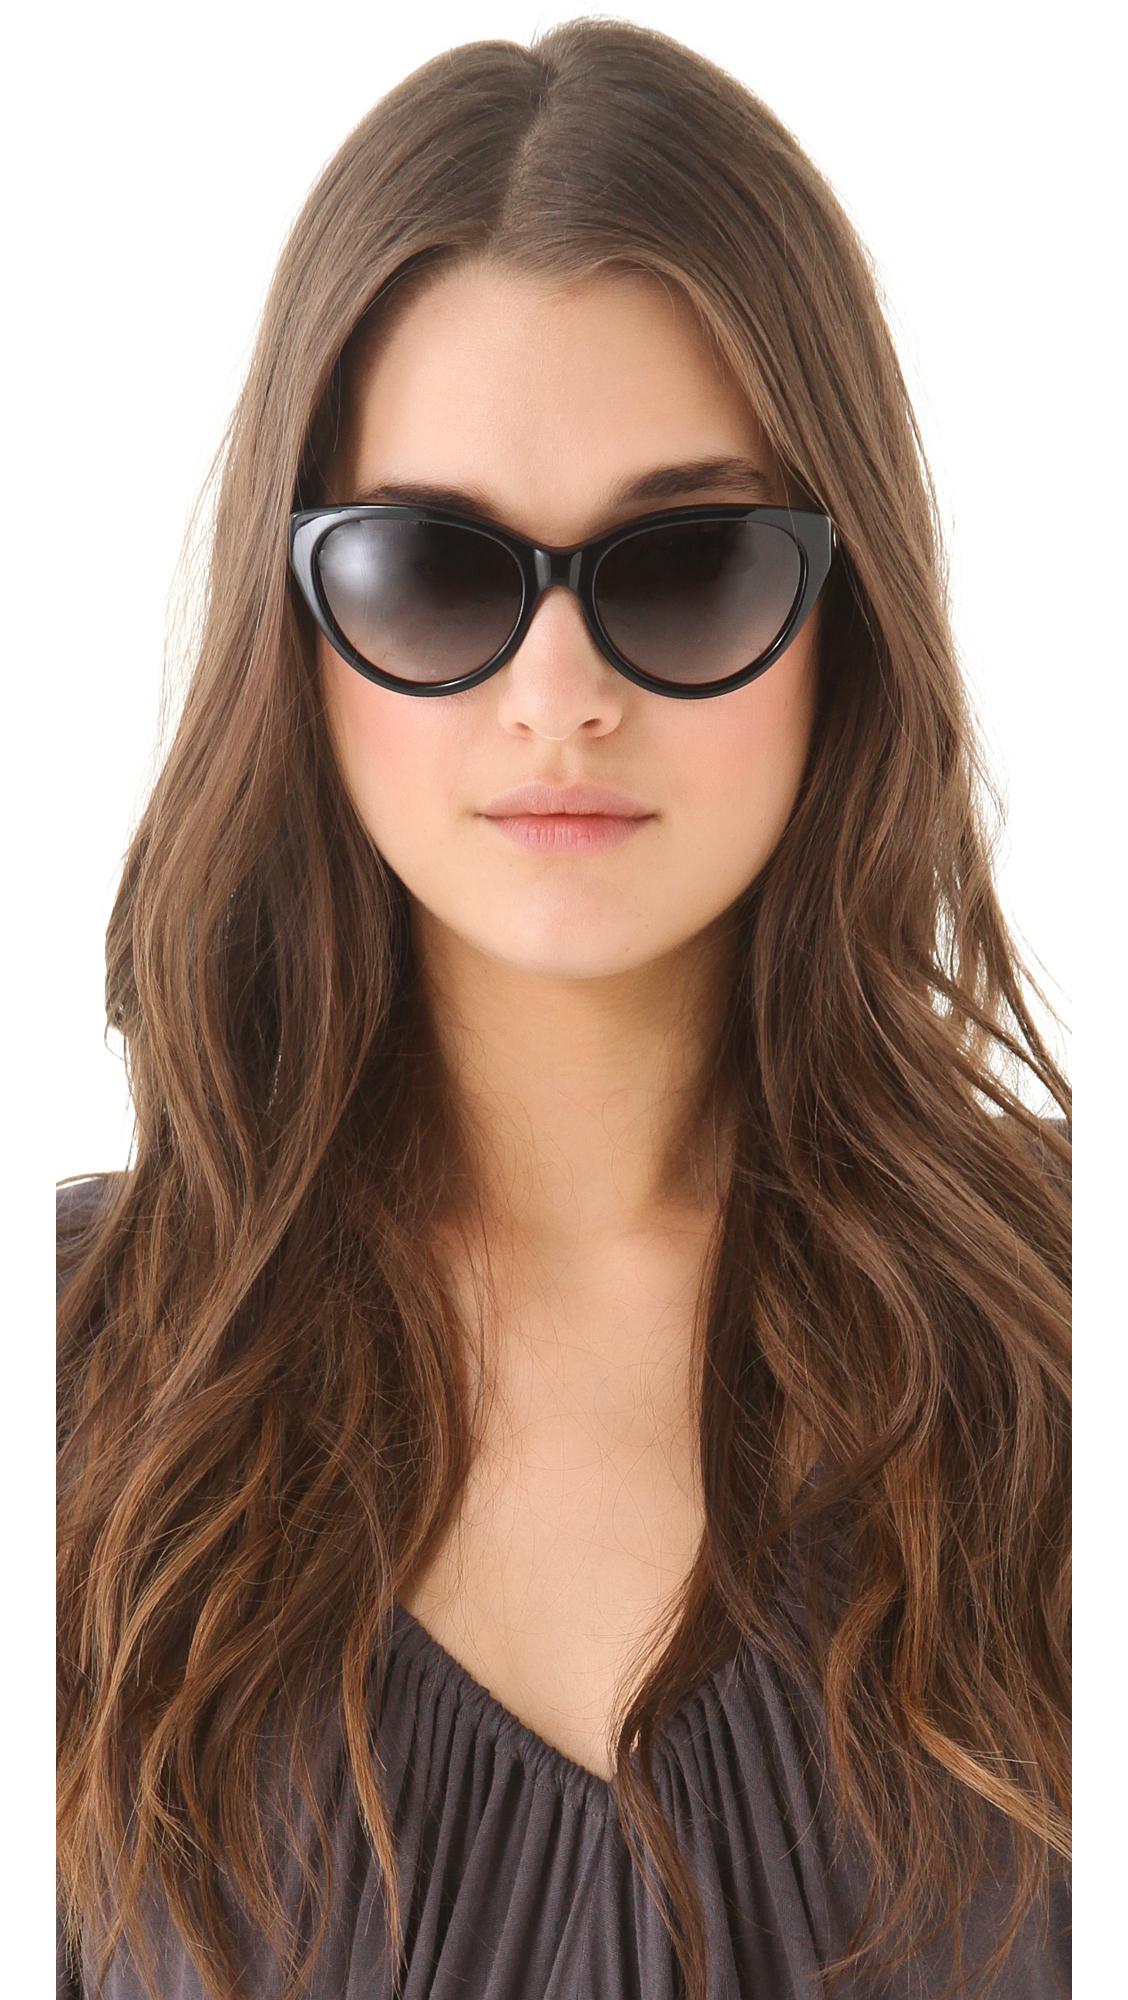 29dc82e33d9 Lyst - Tory Burch Cat Eye Sunglasses in Black